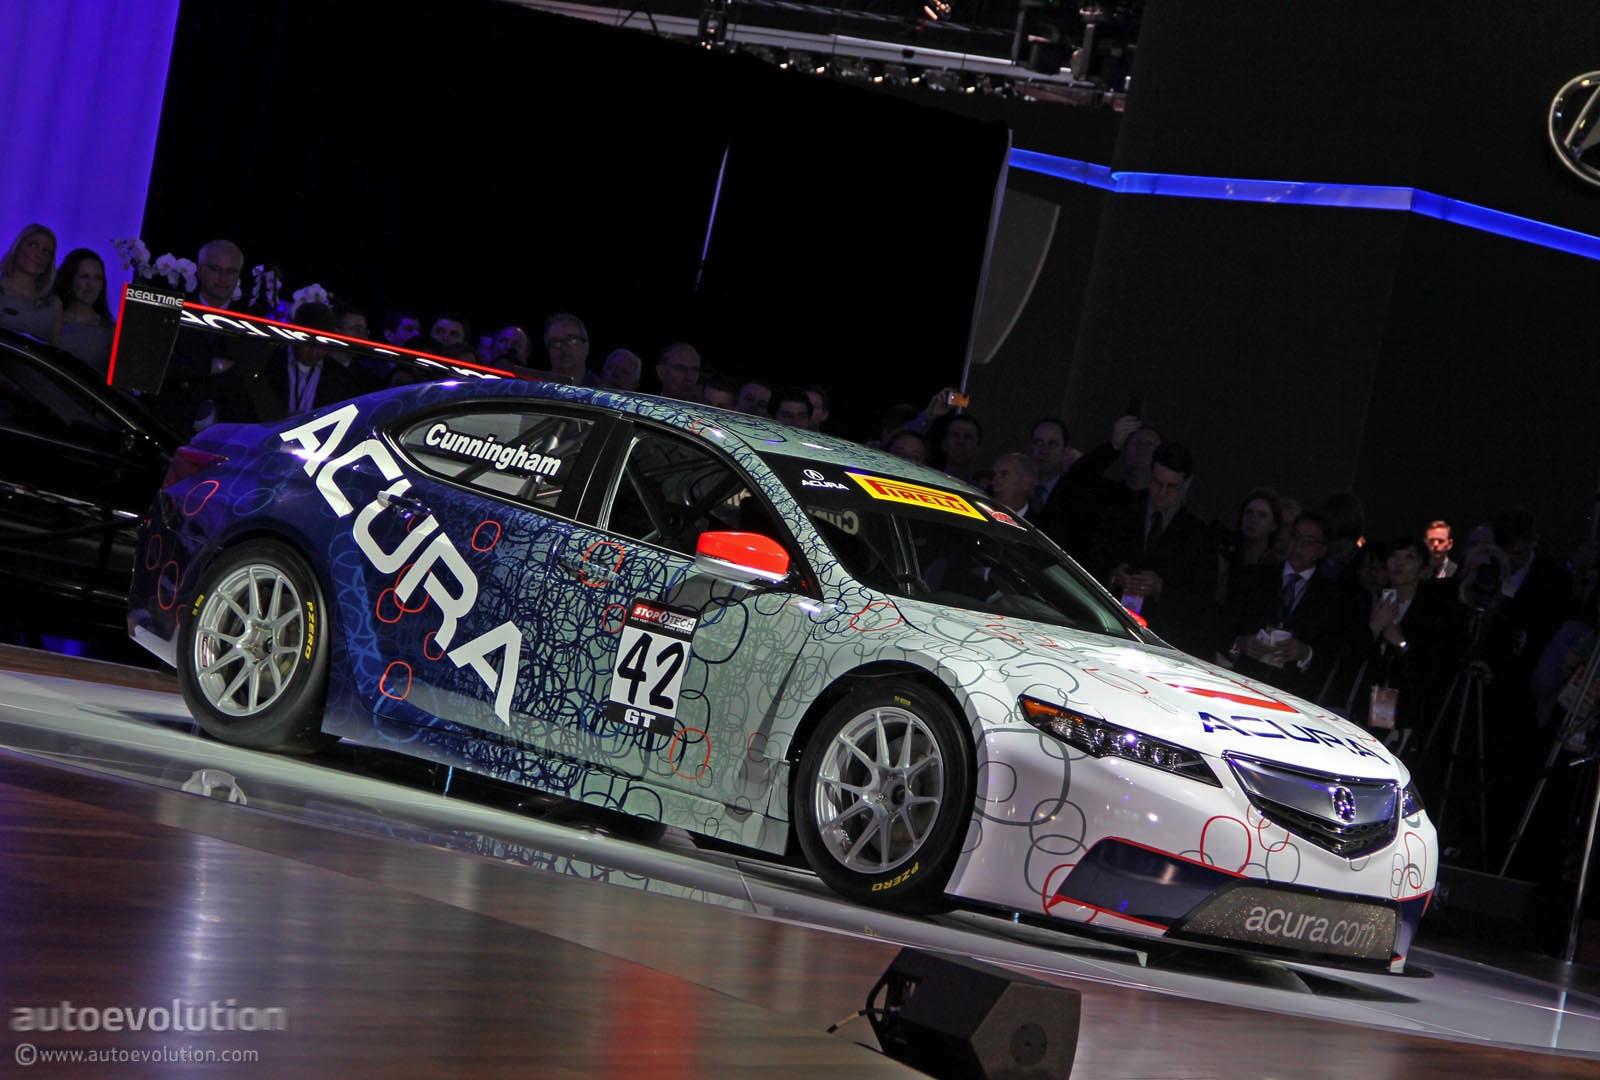 Acura World on